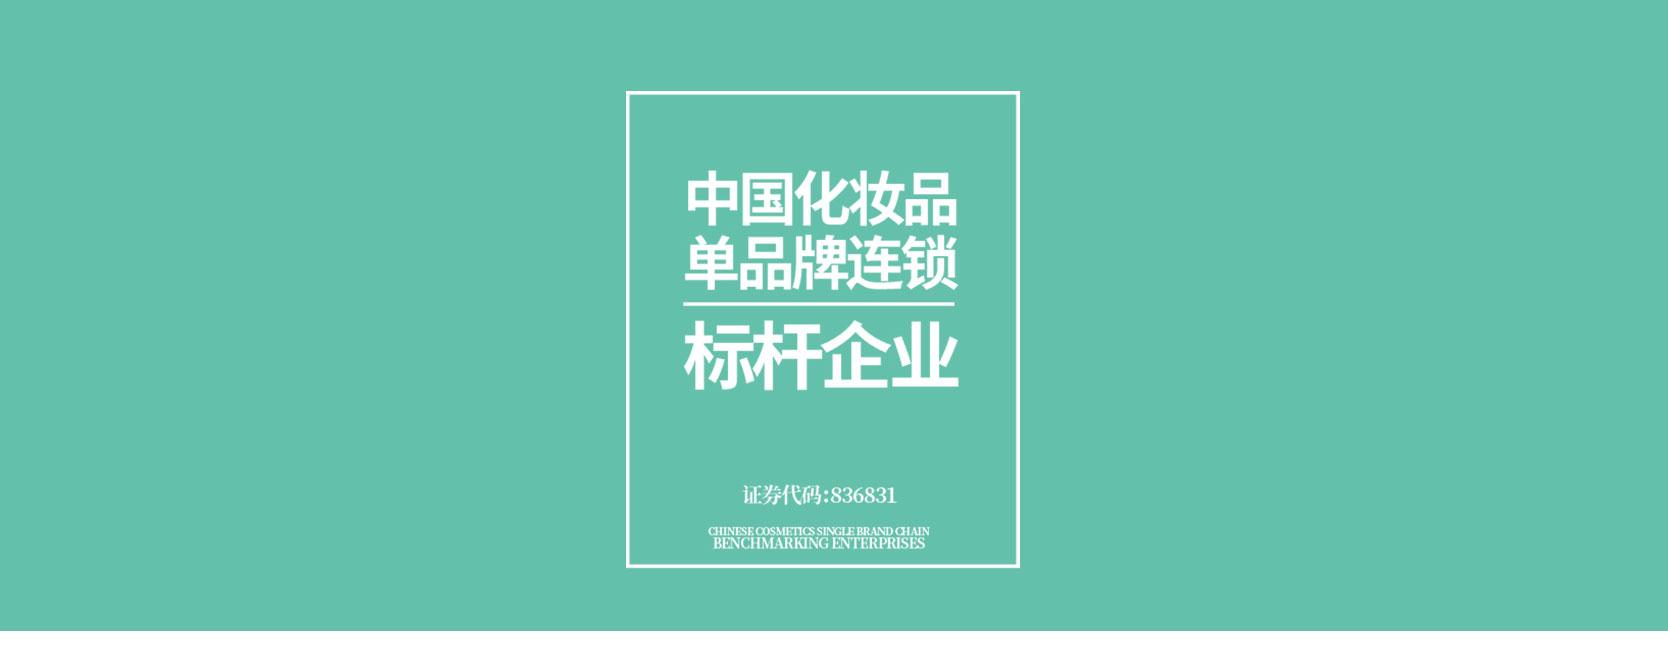 中国化妆品单品牌连锁标杆企业